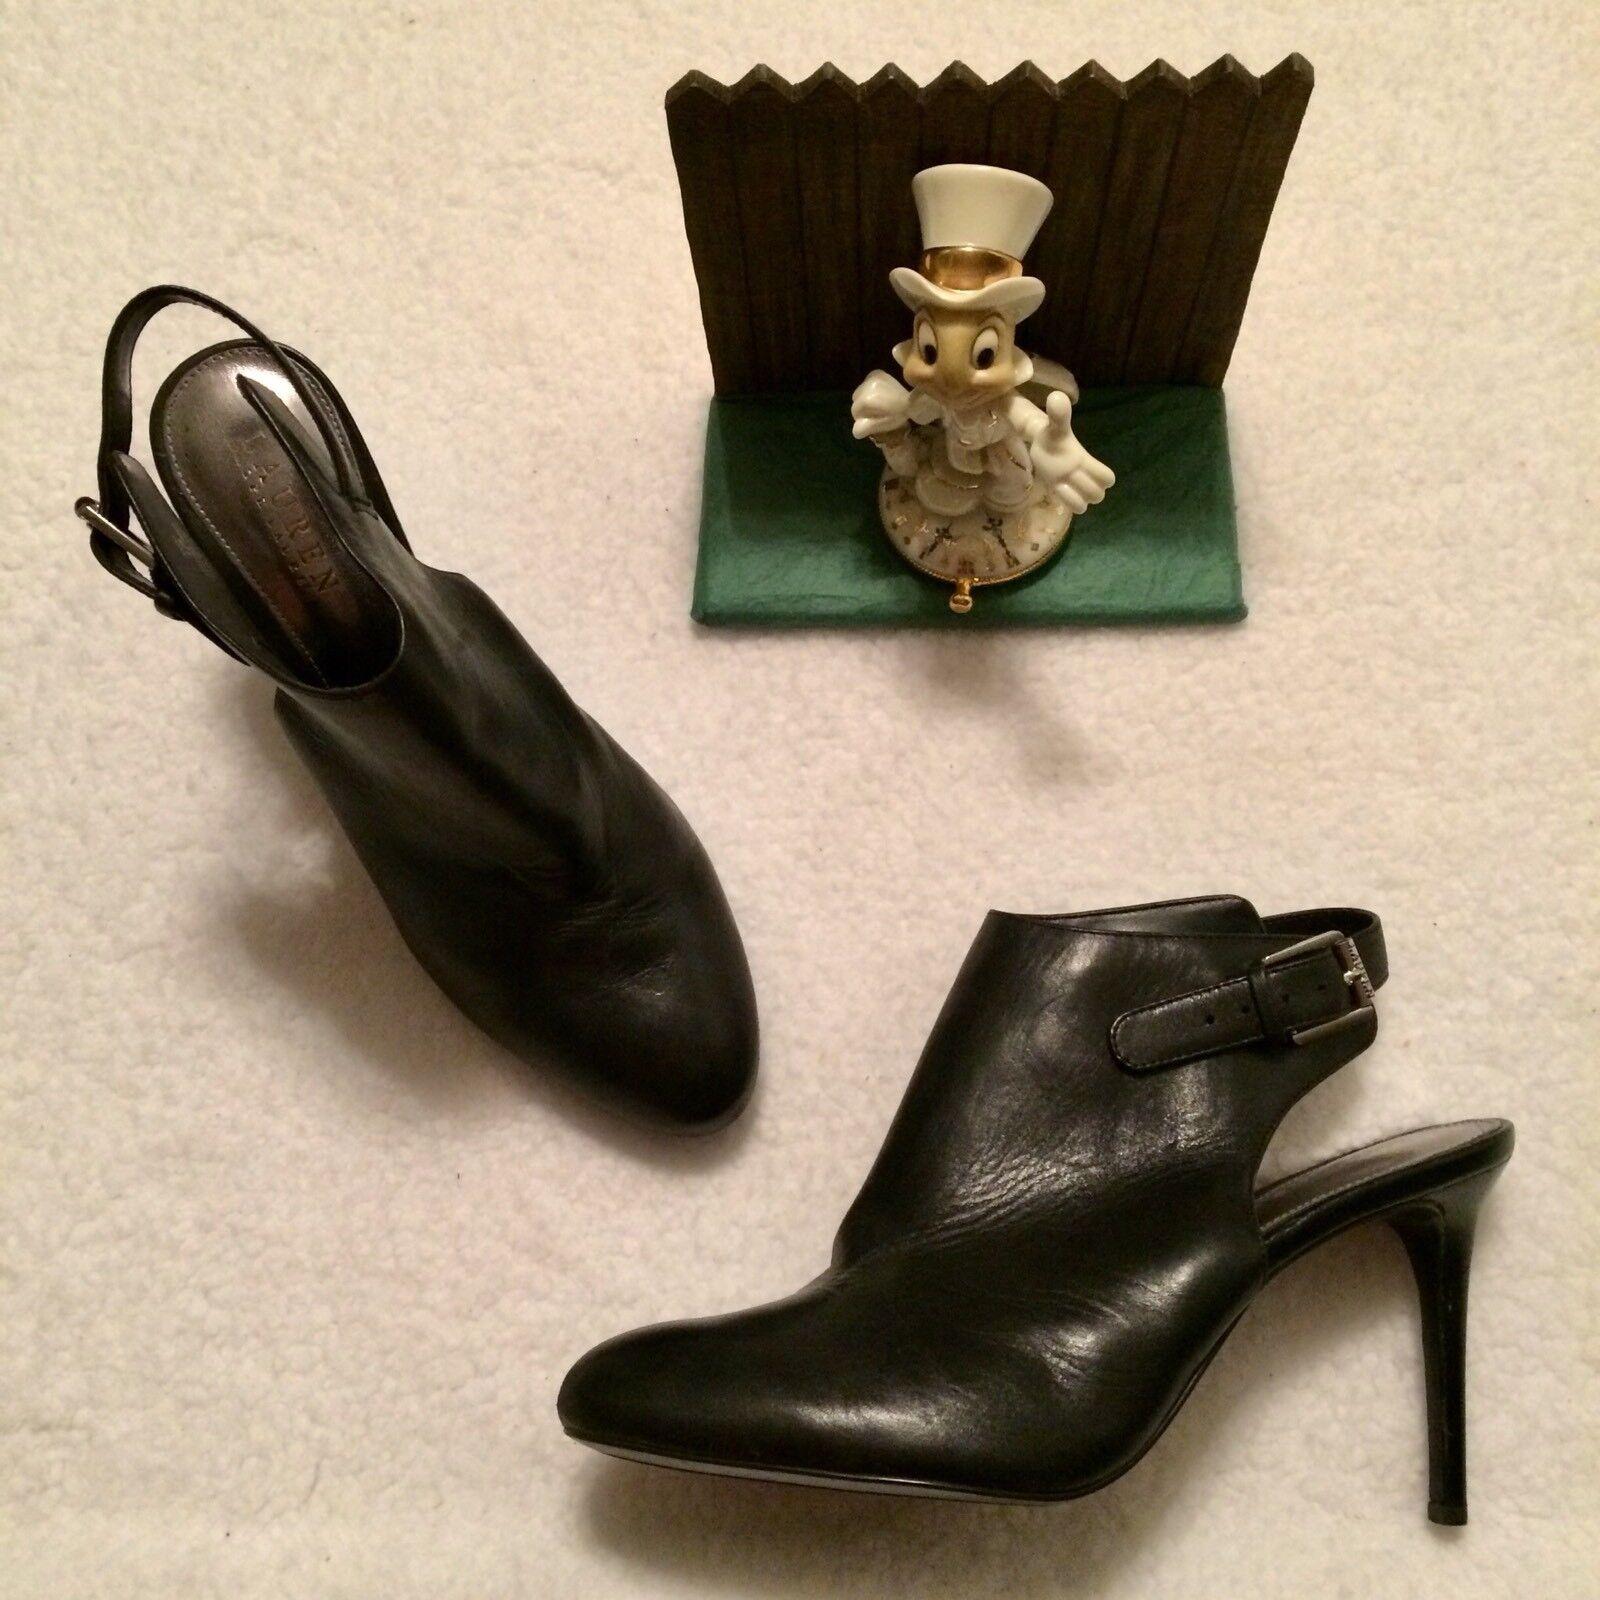 Lauren Ralph Lauren Rayna Black Leather Slingback Bootie Heel Shoes Size 9.5